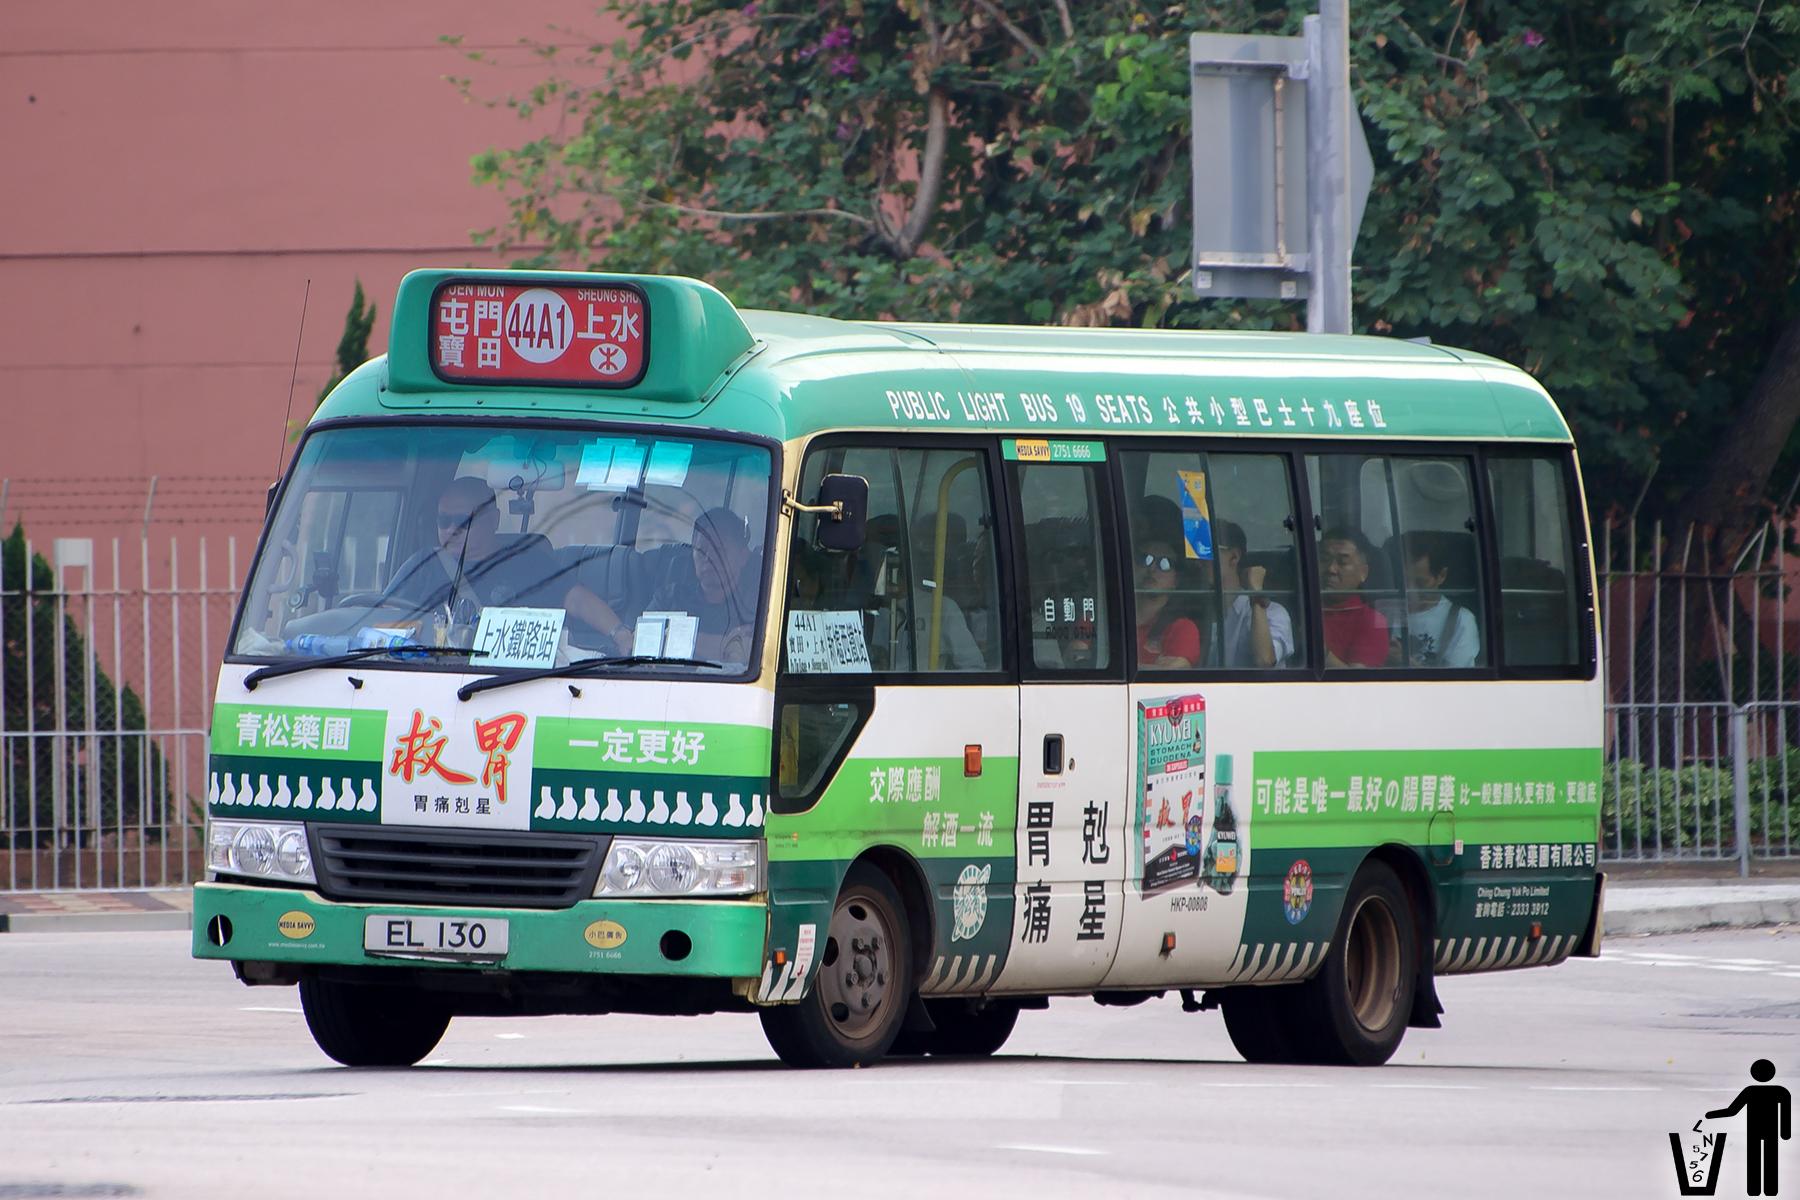 新界專綫小巴44A1線